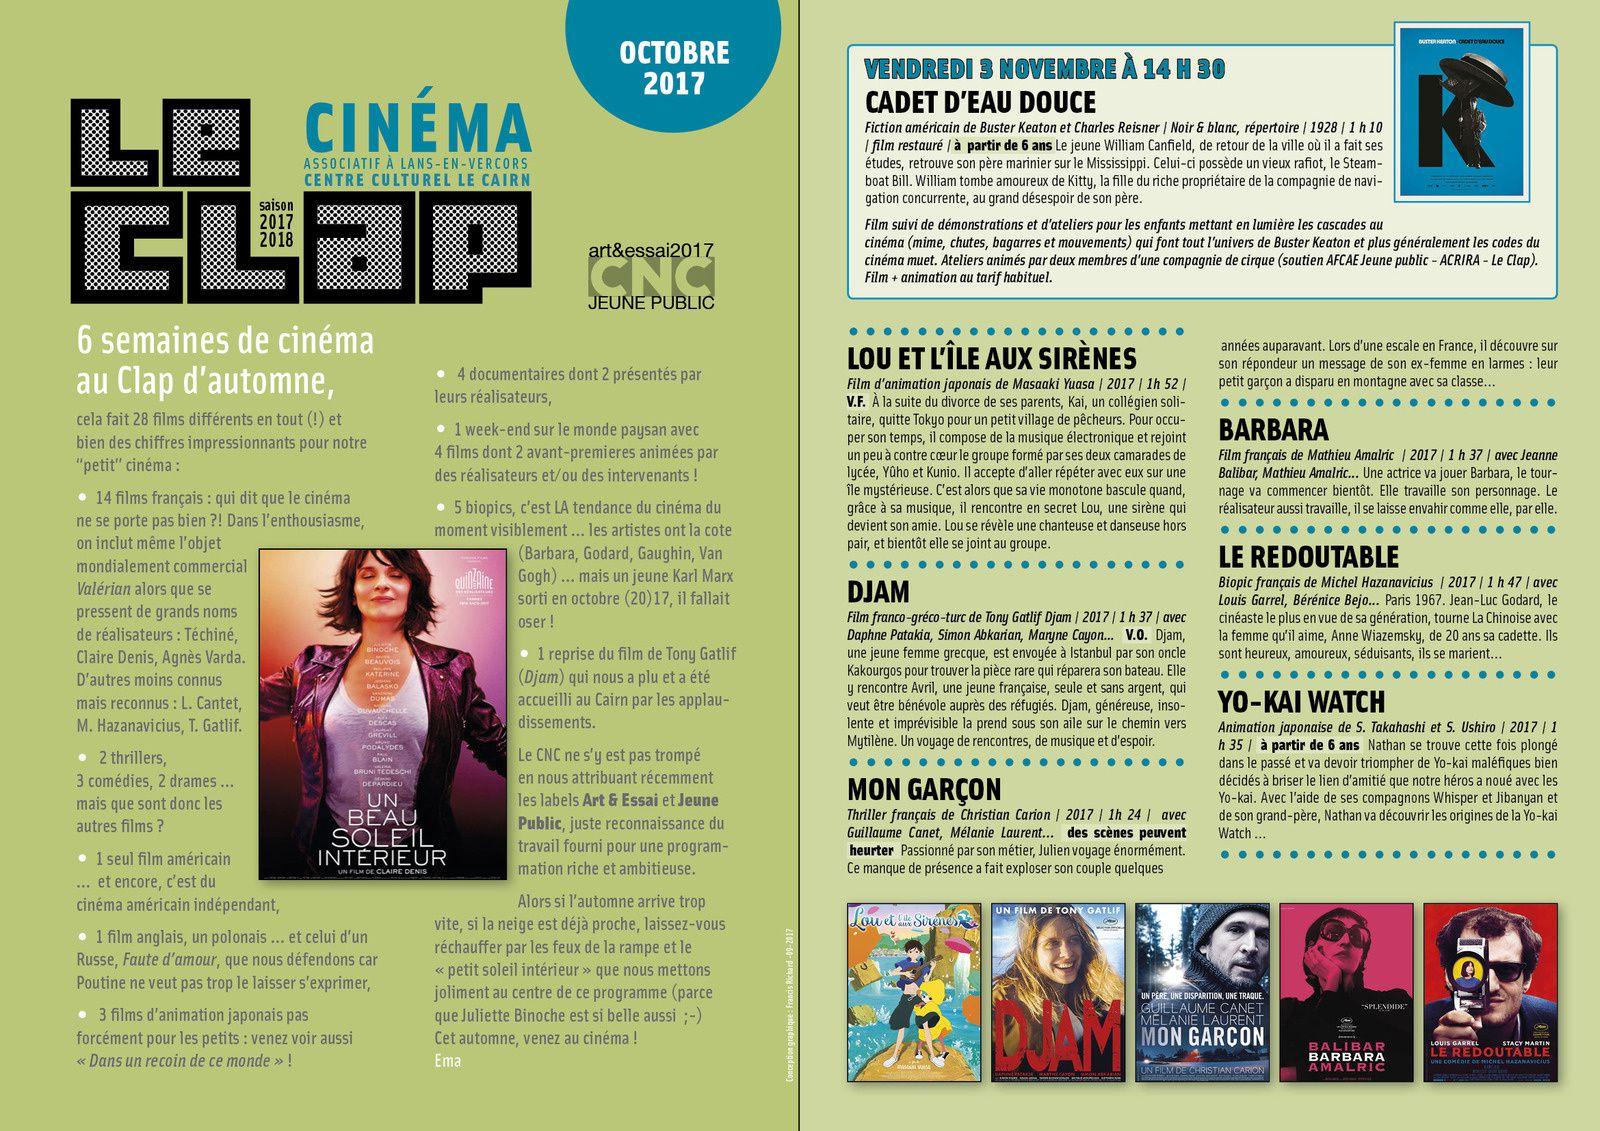 6 semaines de cinéma au Clap d'automne